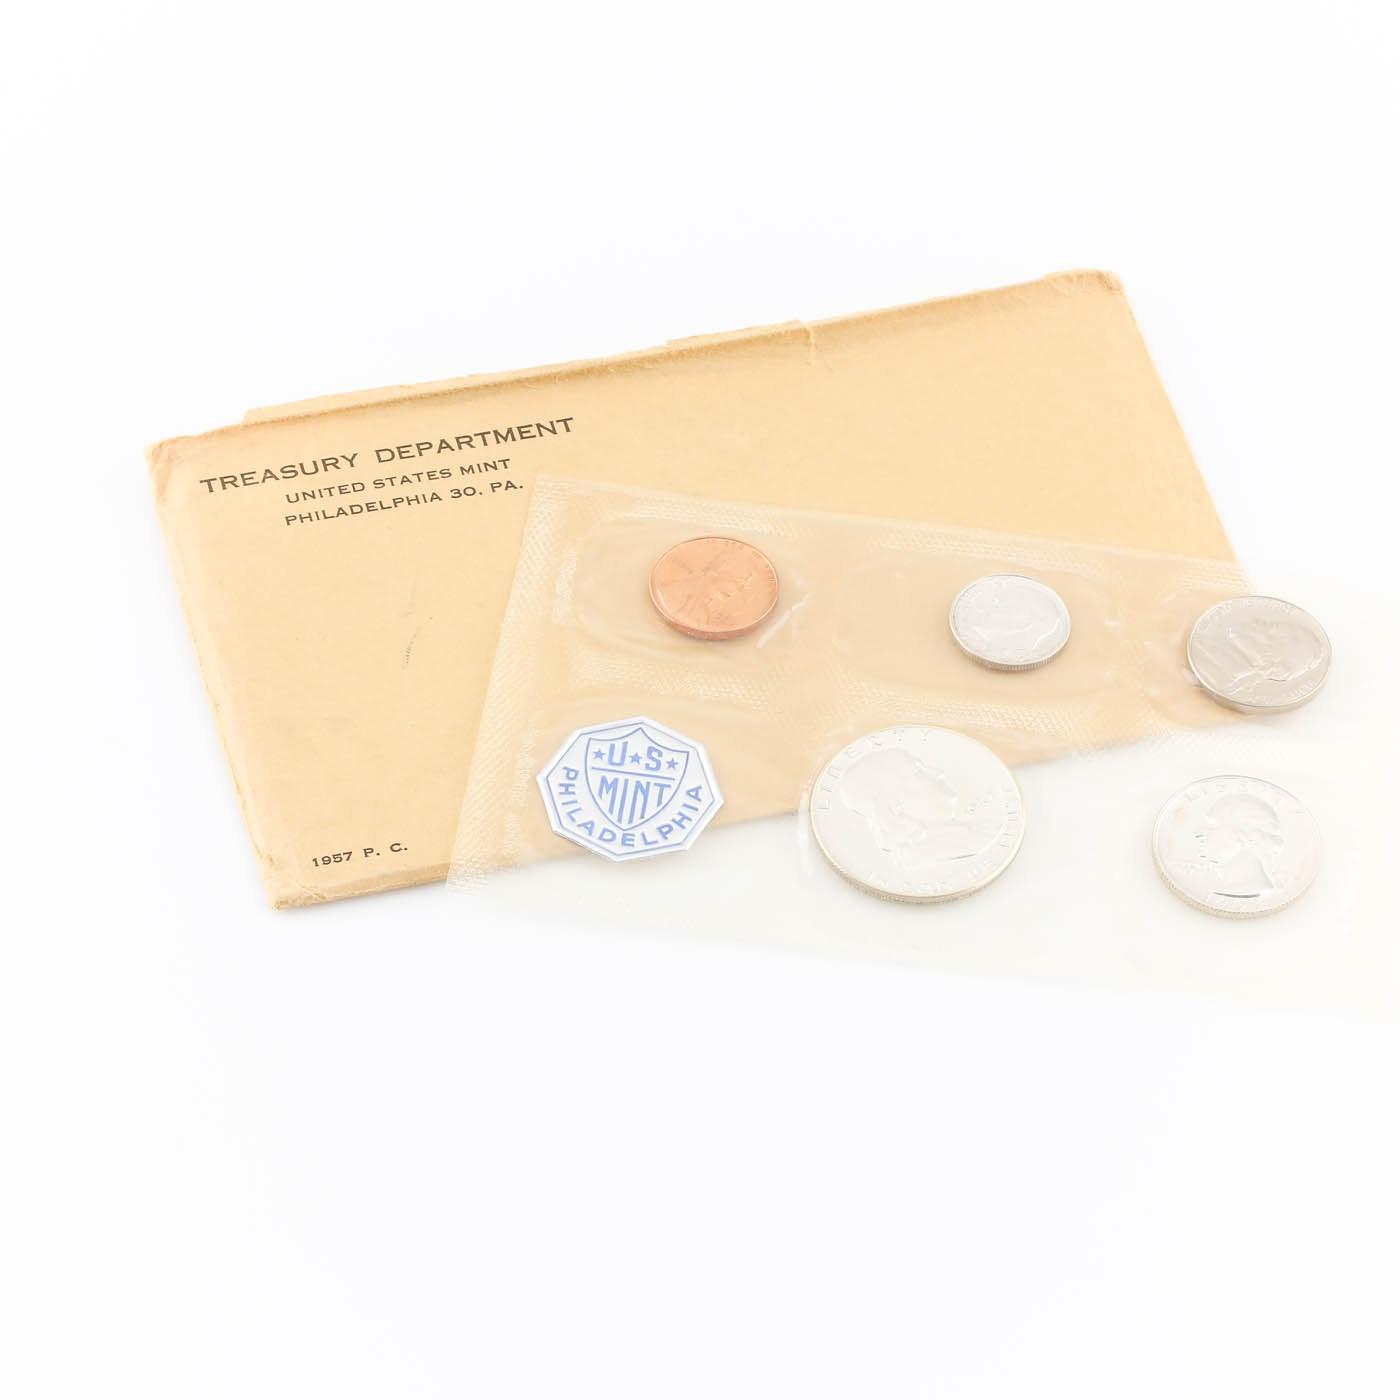 1957 U.S. Philadelphia Mint Proof Set